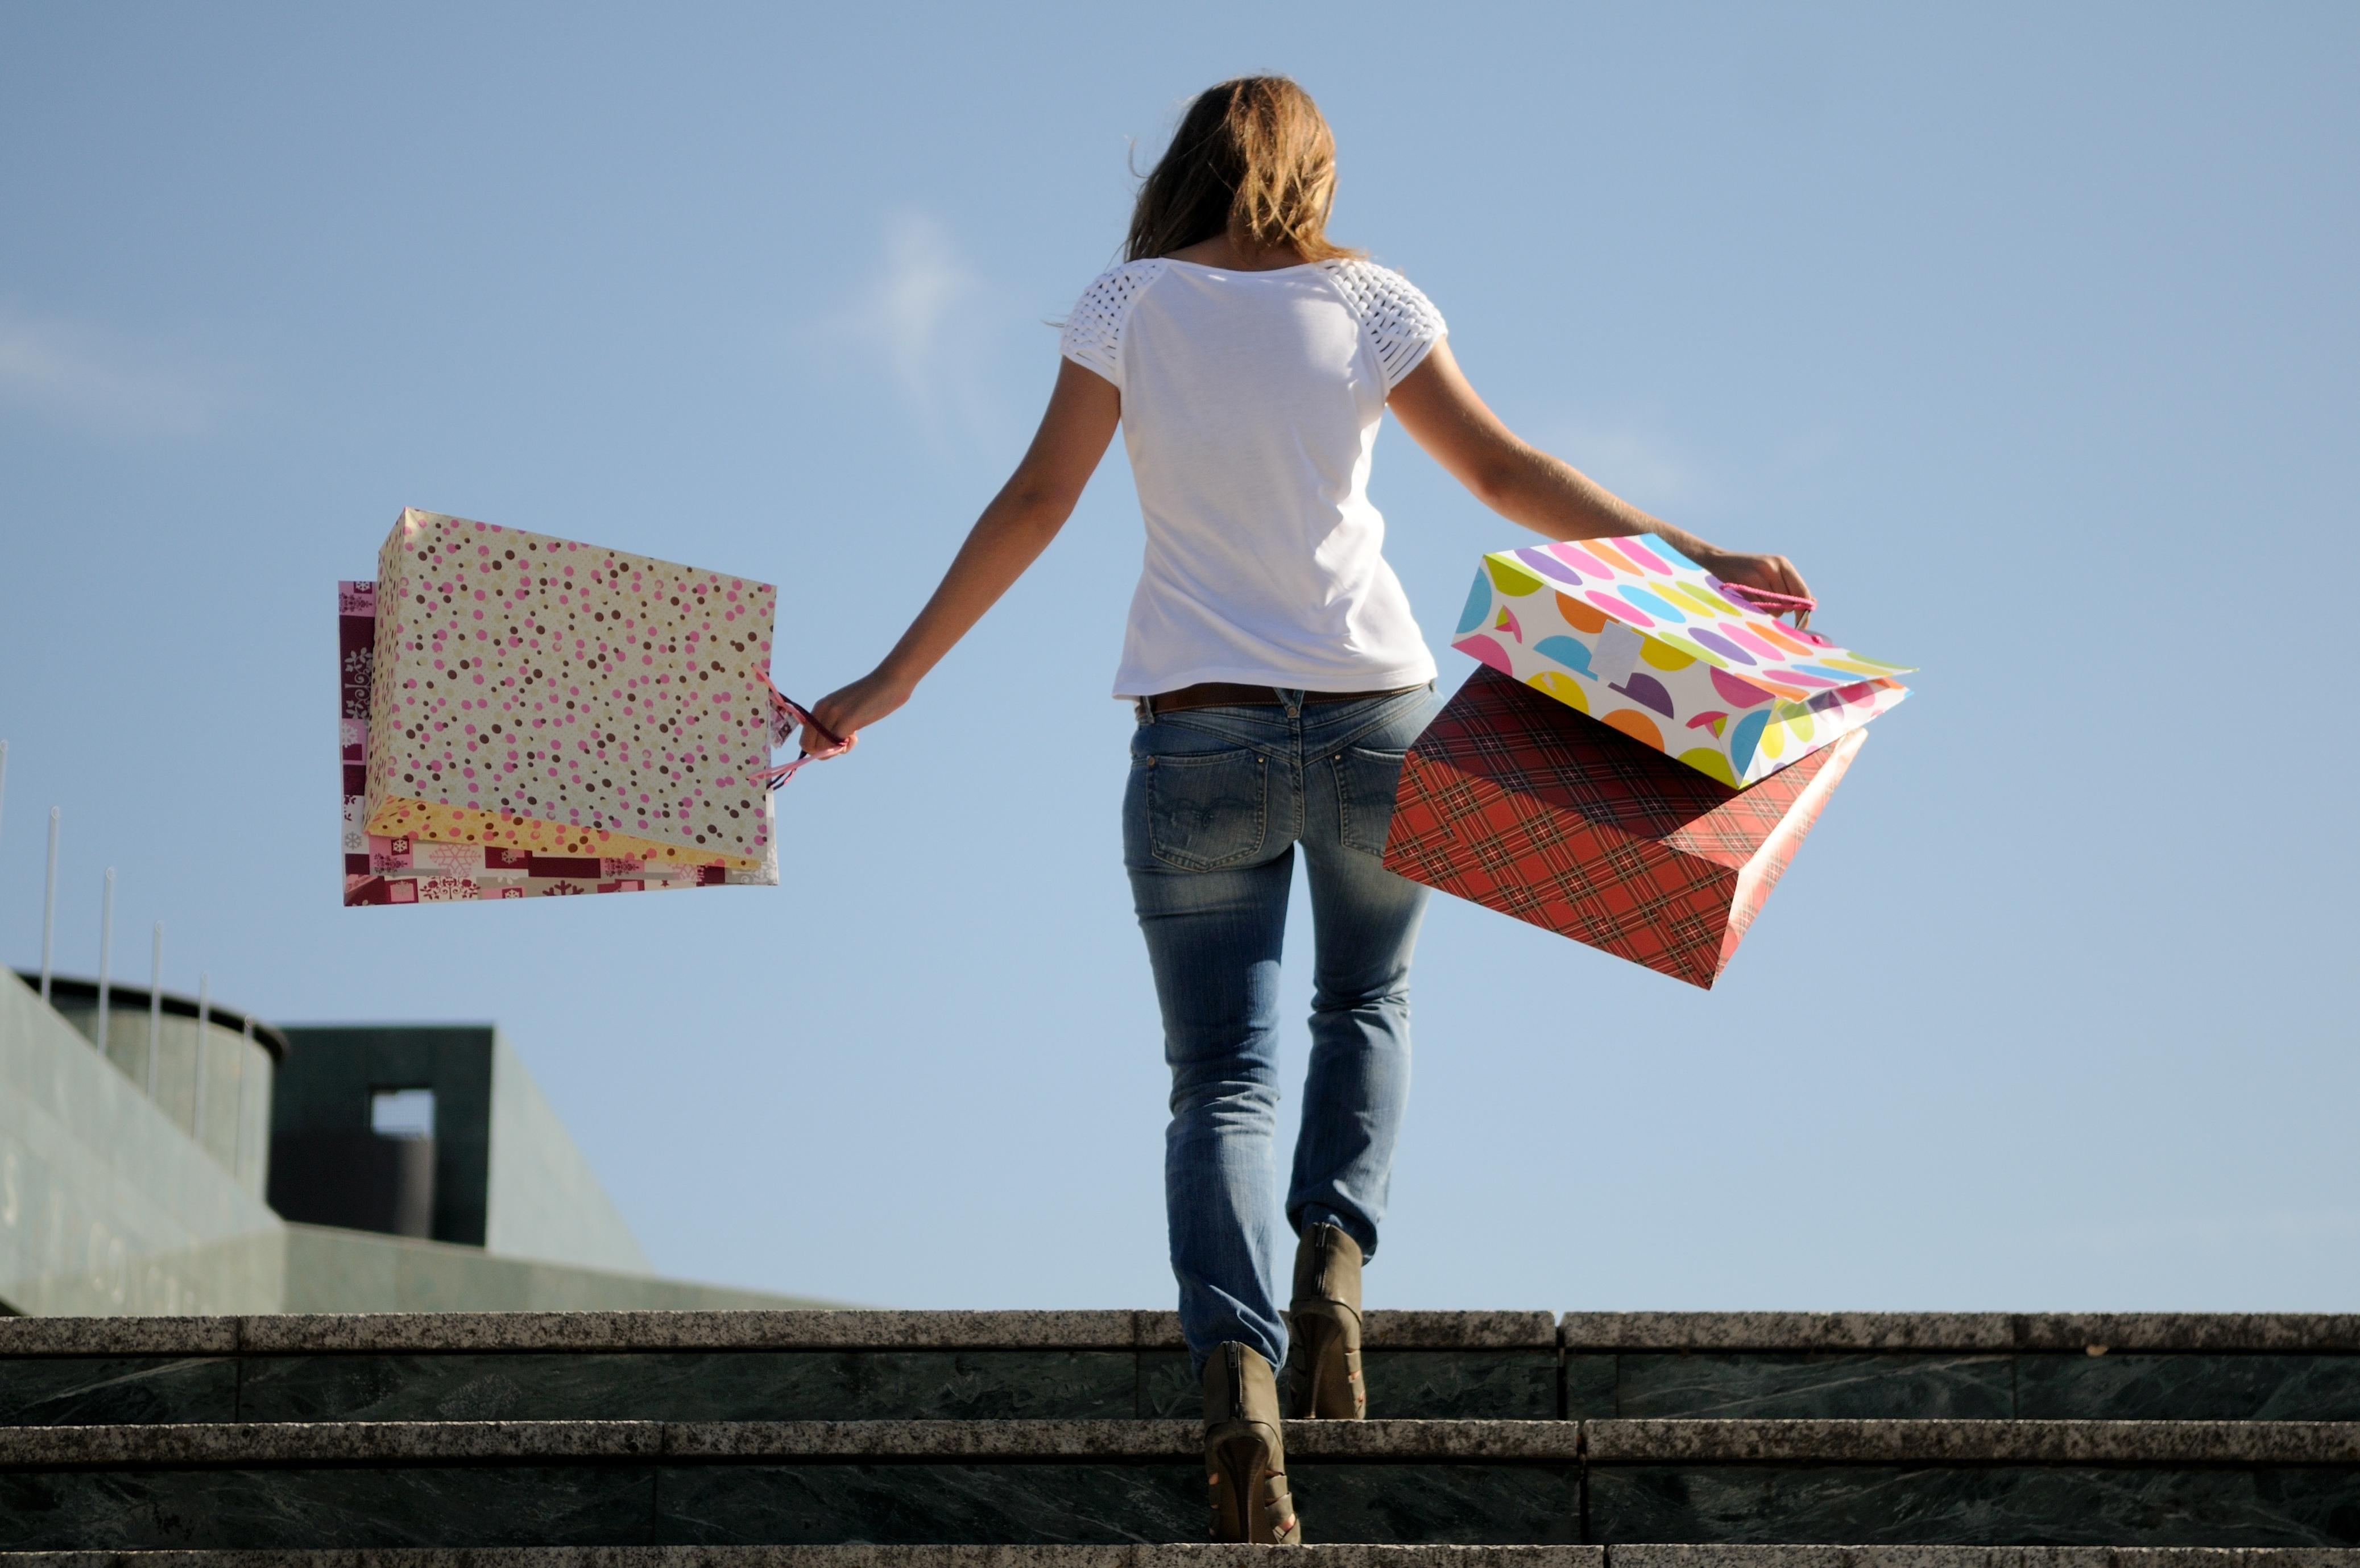 Les 10 meilleurs endroits pour faire du shopping à New York   Skyscanner  France 8aace02df6e1